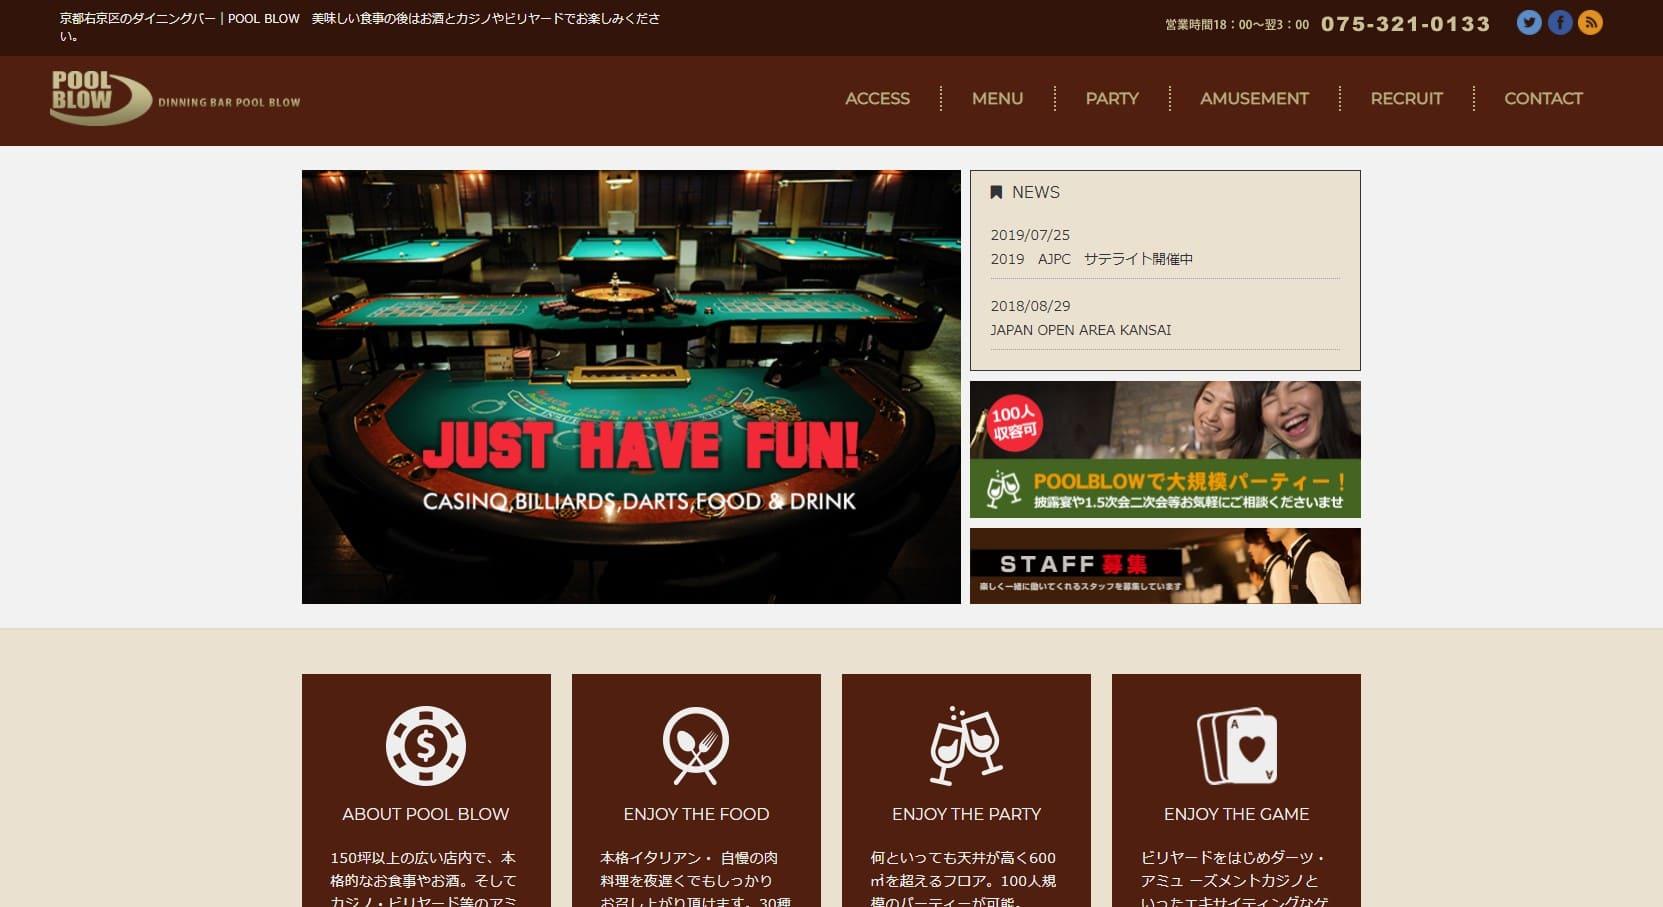 POOL BLOWのウェブサイト画像。